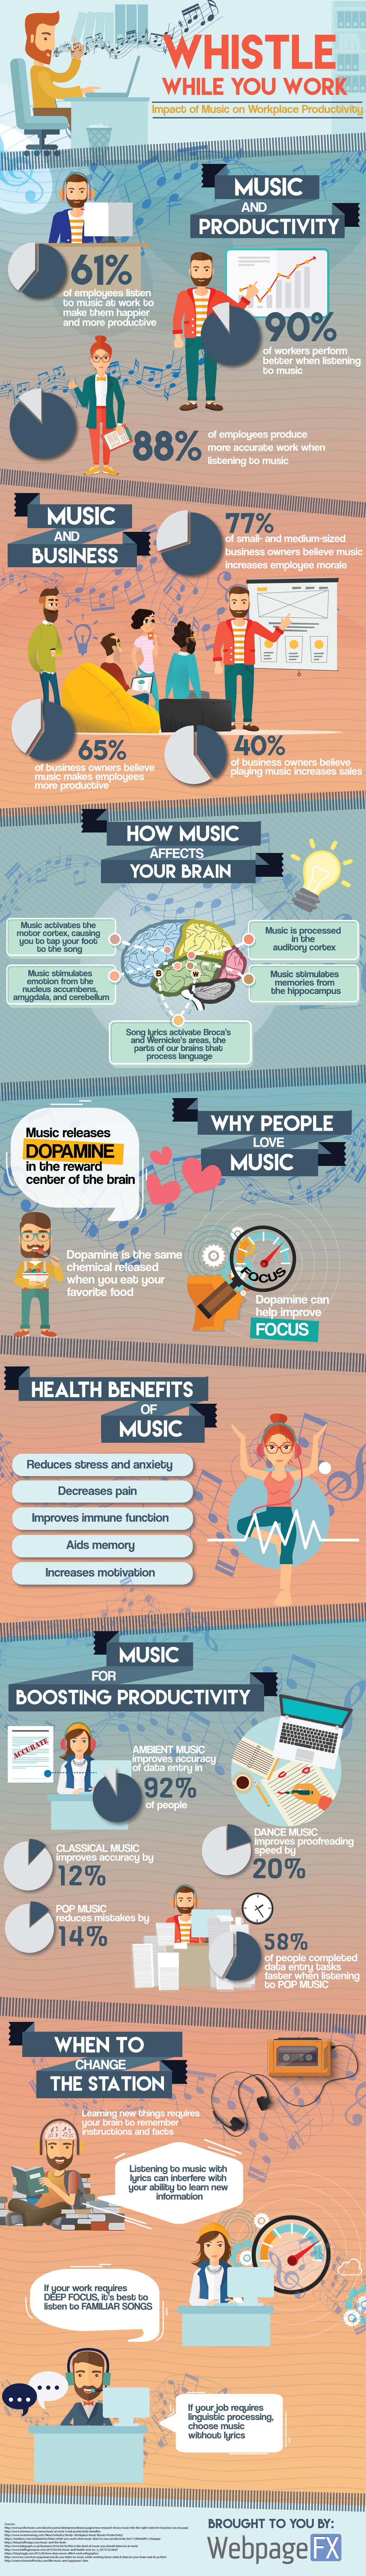 Muziek op de werkvloer verhoogt productiviteit